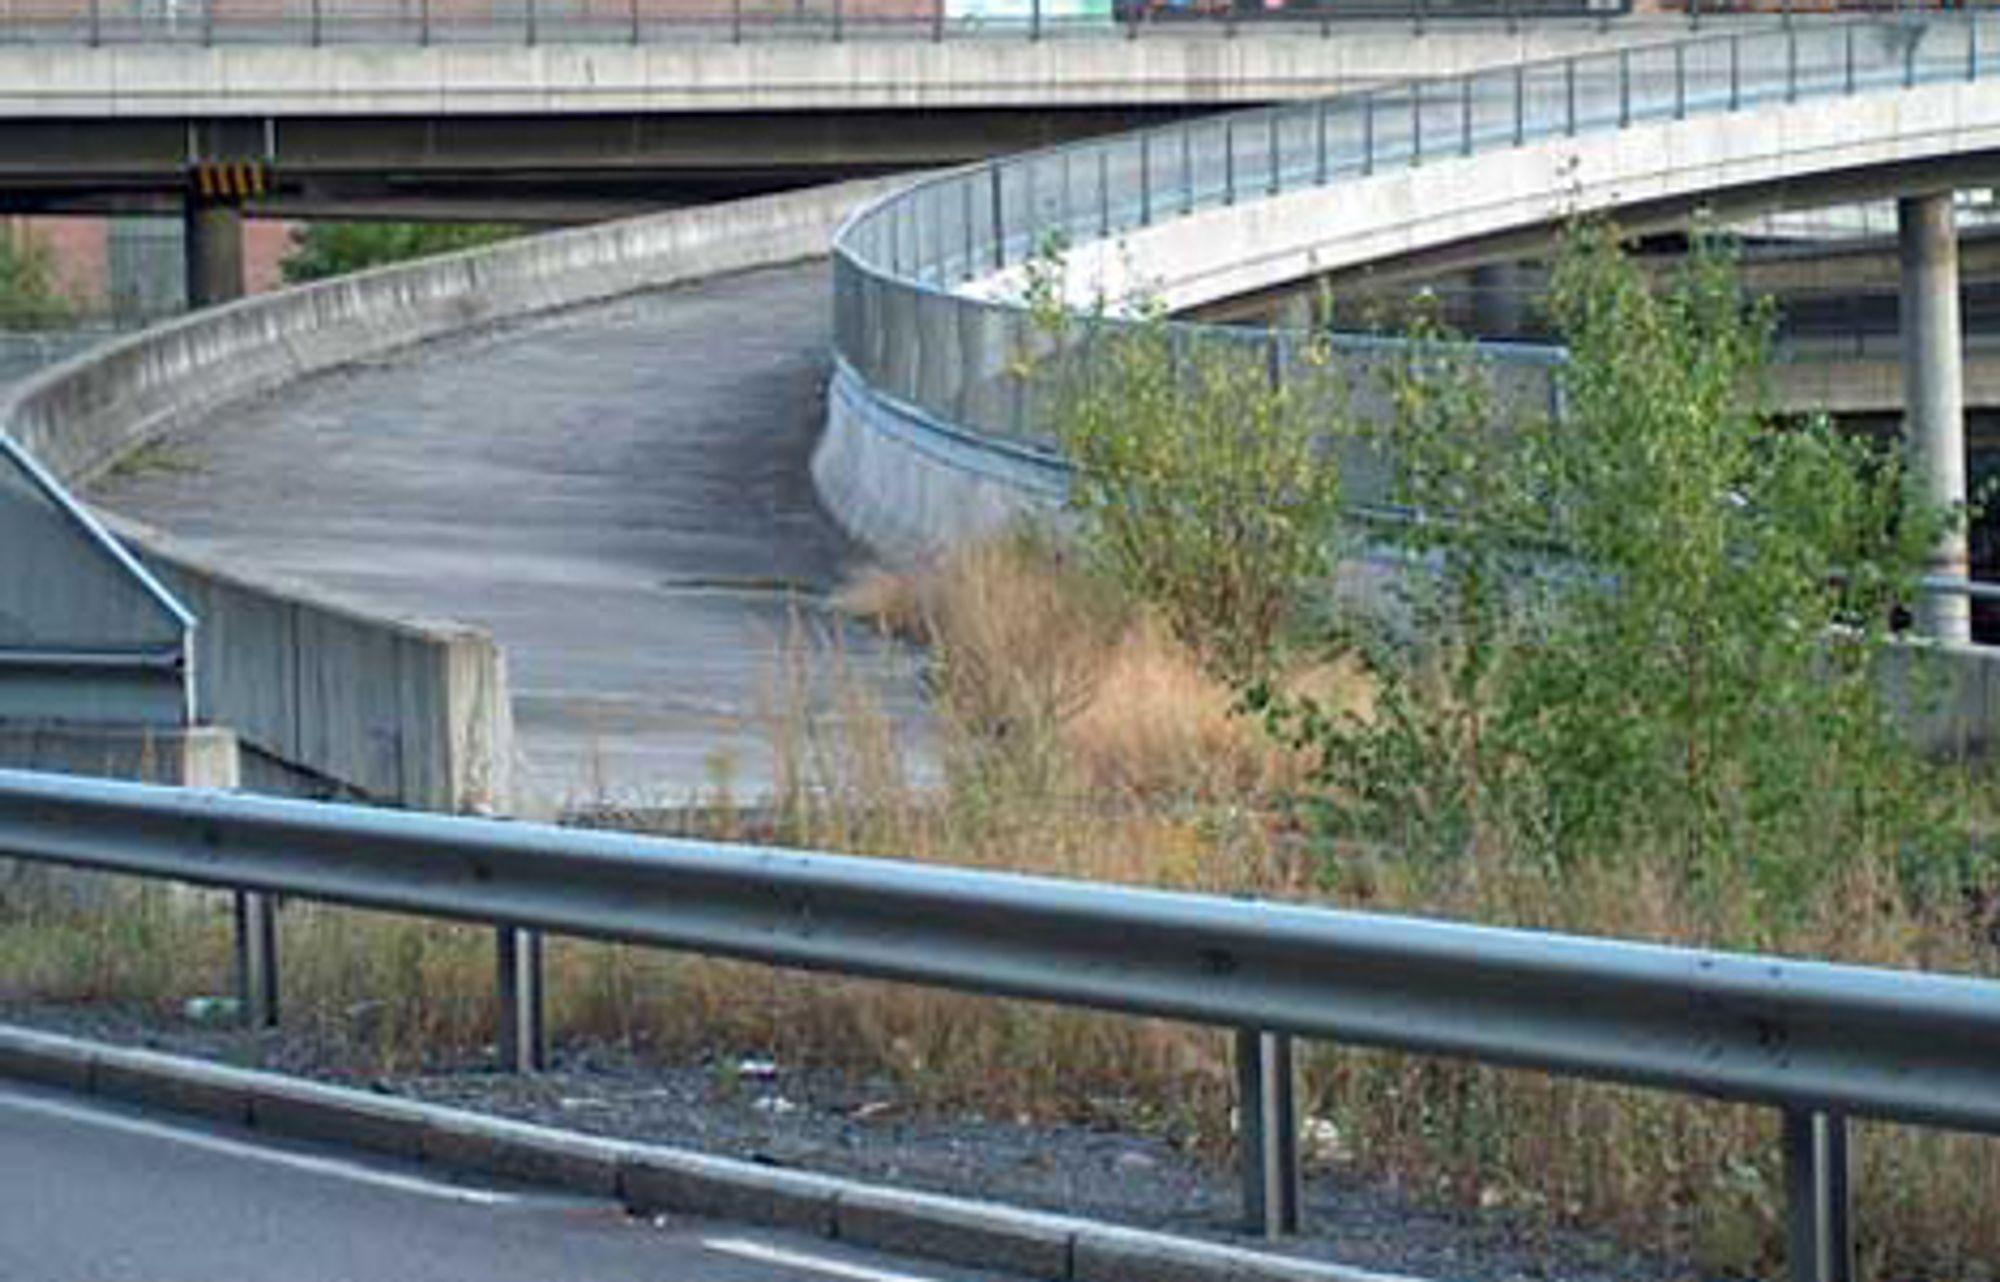 Vegvesnet bygget to broer i Lodalen i Oslo som ledd i planenfor ny firefelts innkjøring til sentrum på 80-tallet. Planene ble imidlertid endret, og nå kan broene rives. Slikde står nå, er de daglig påminnelser om at ikke alt går som man planlegger til enhver tid. Slik er det i et dynamisk samfunn.